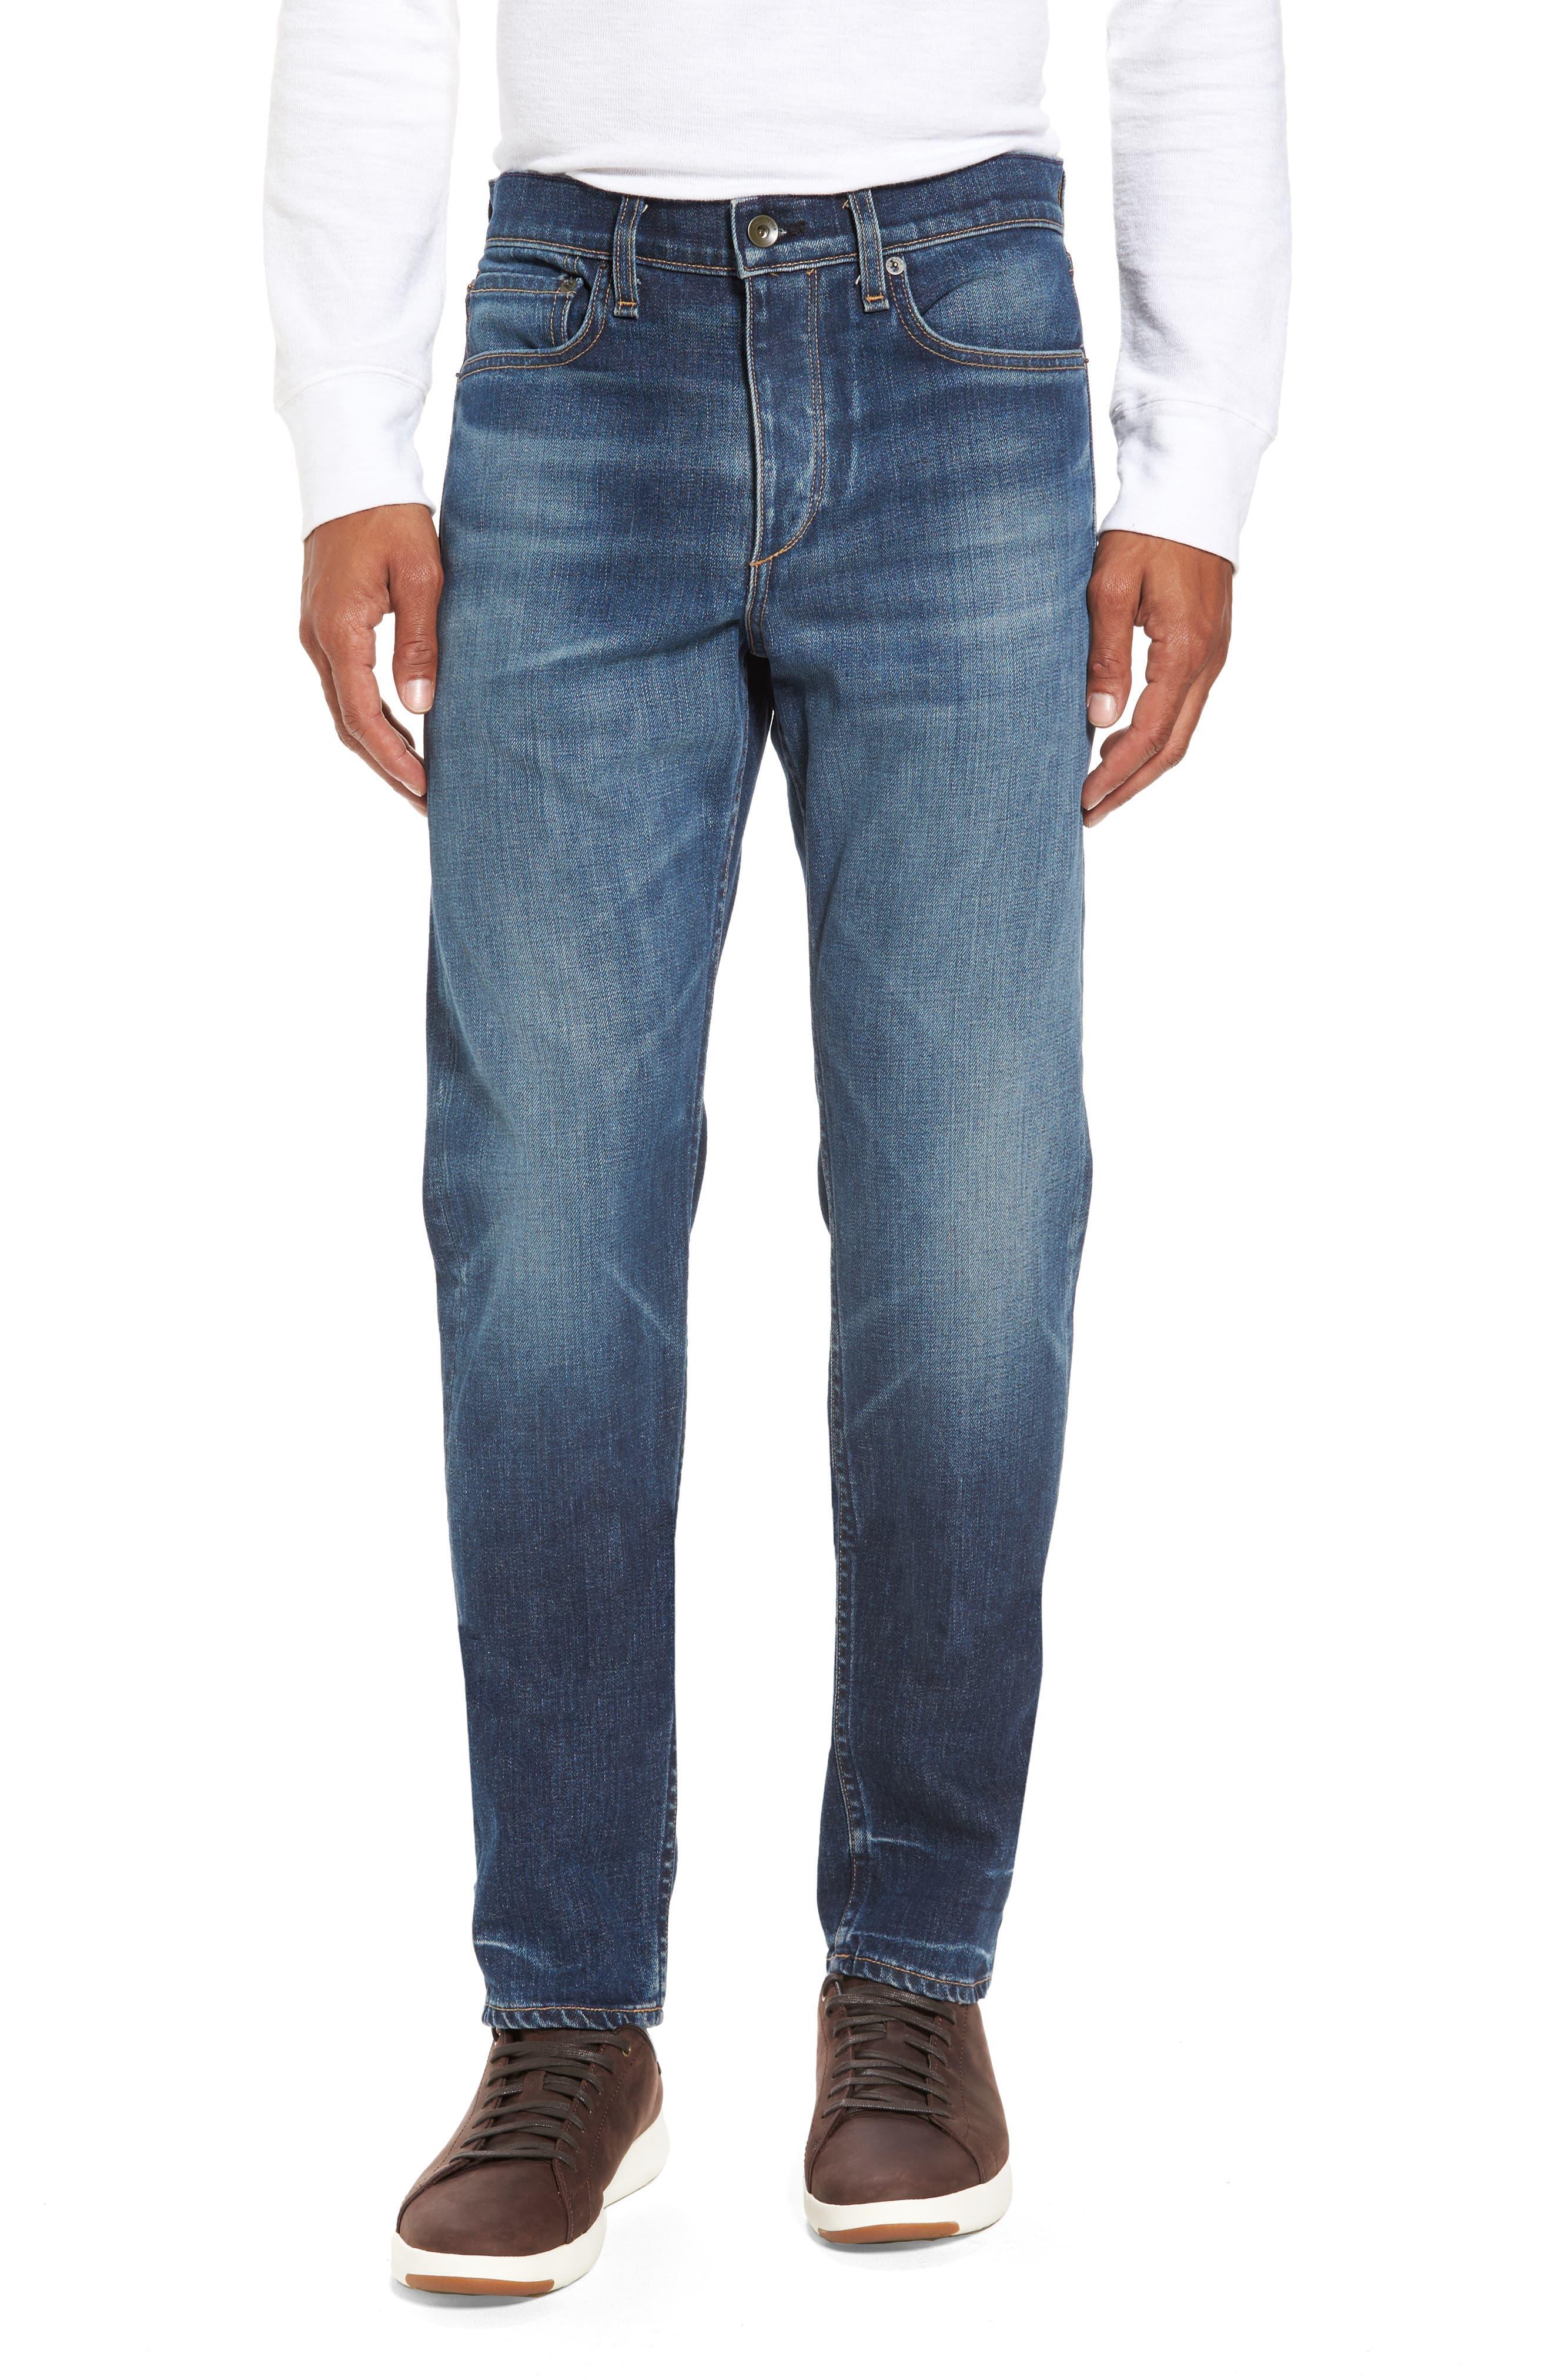 Fit 2 Slim Fit Jeans,                             Main thumbnail 1, color,                             LINDEN